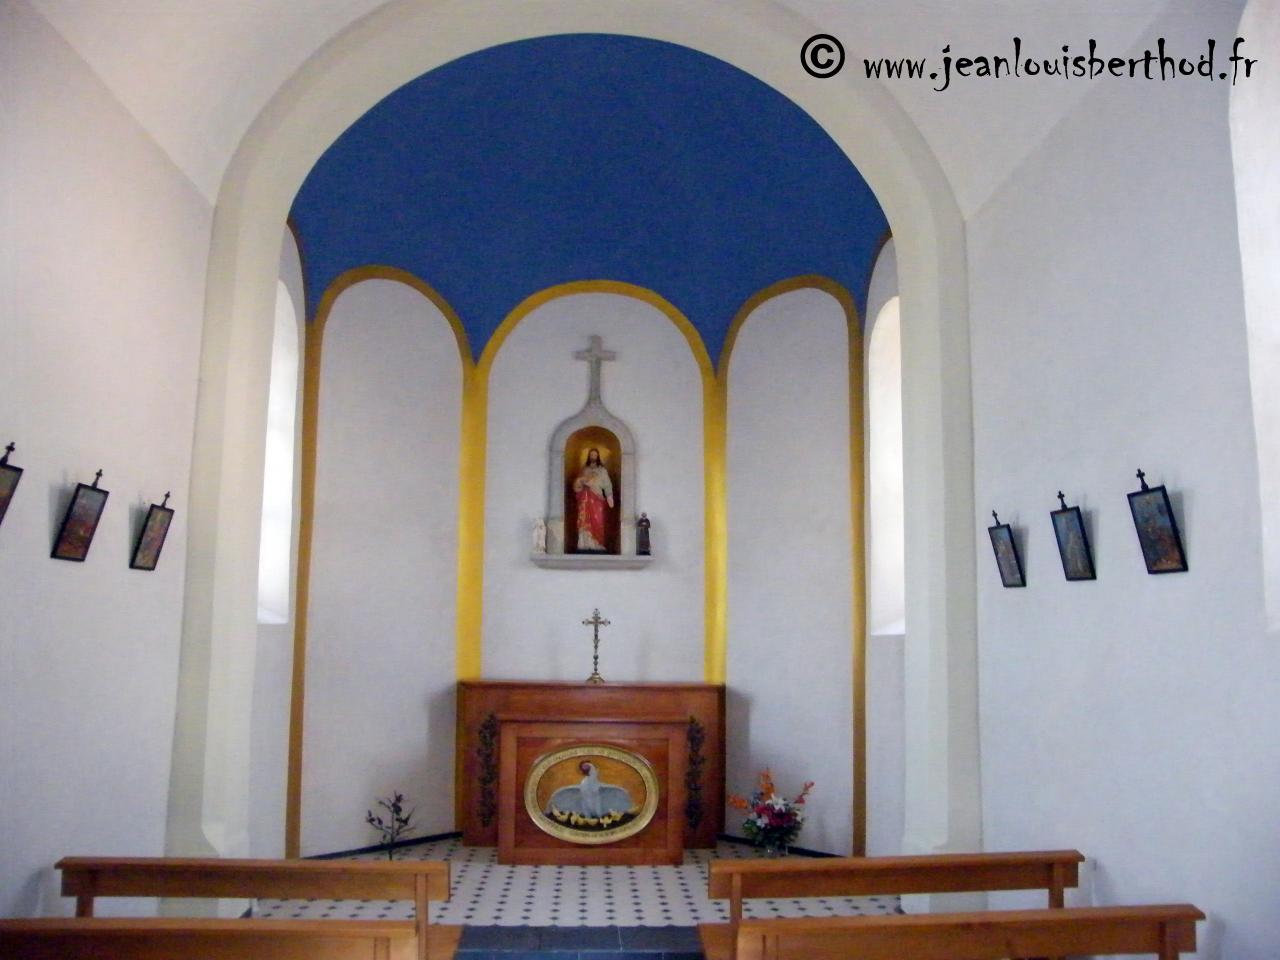 Altar of a Chapel4